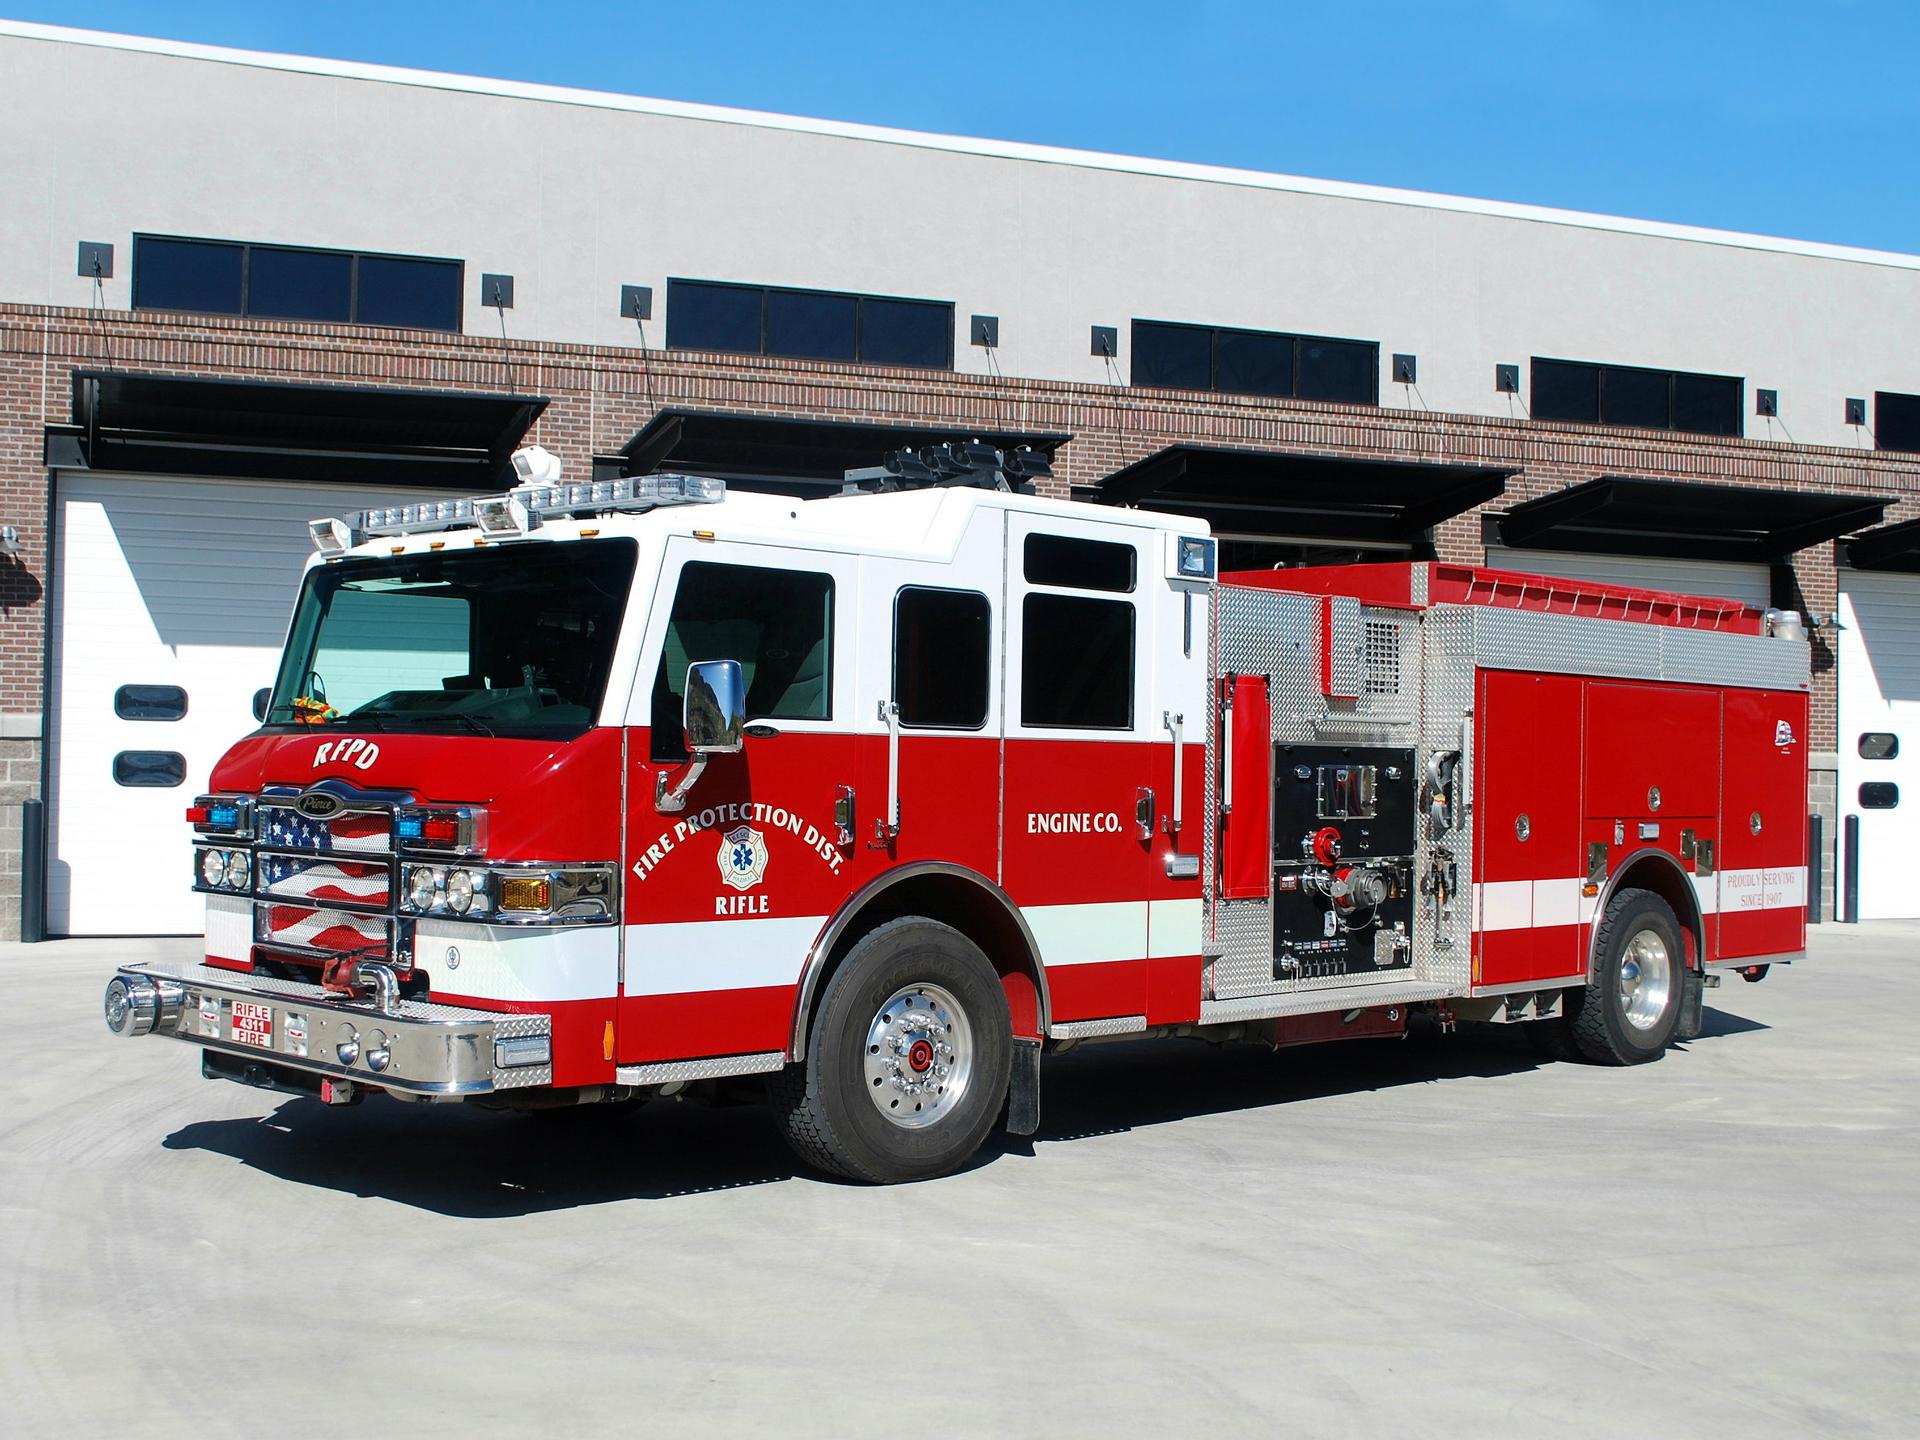 Pierce Fire Truck Wallpaper